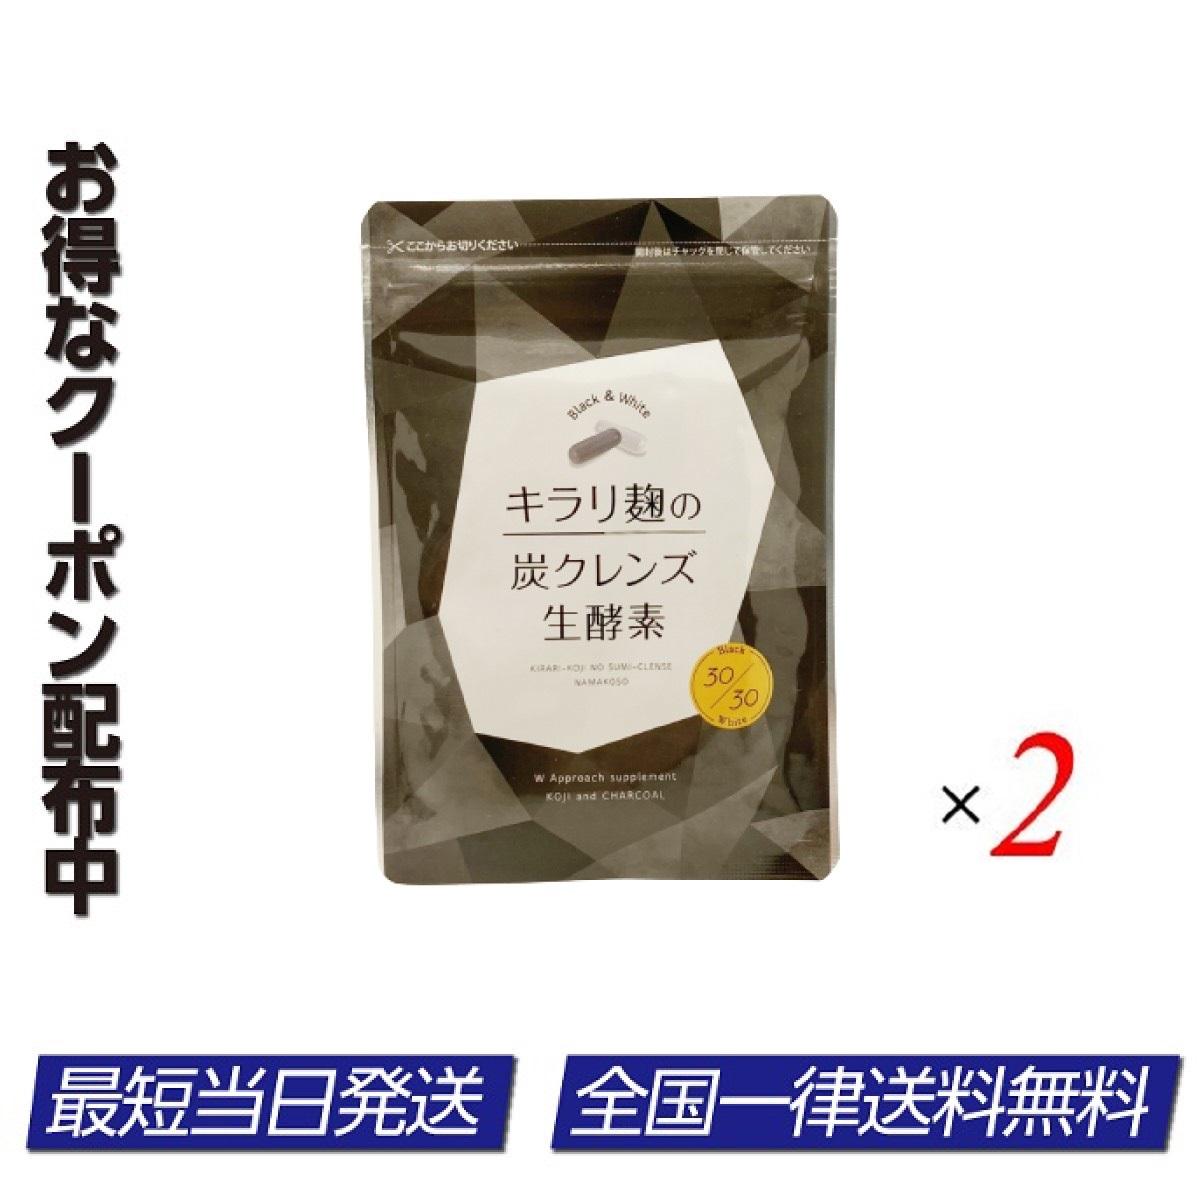 キラリ麹の炭クレンズ生酵素 2袋セット 腸活 激安通販ショッピング 入手困難 生酵素 ダイエットサポート